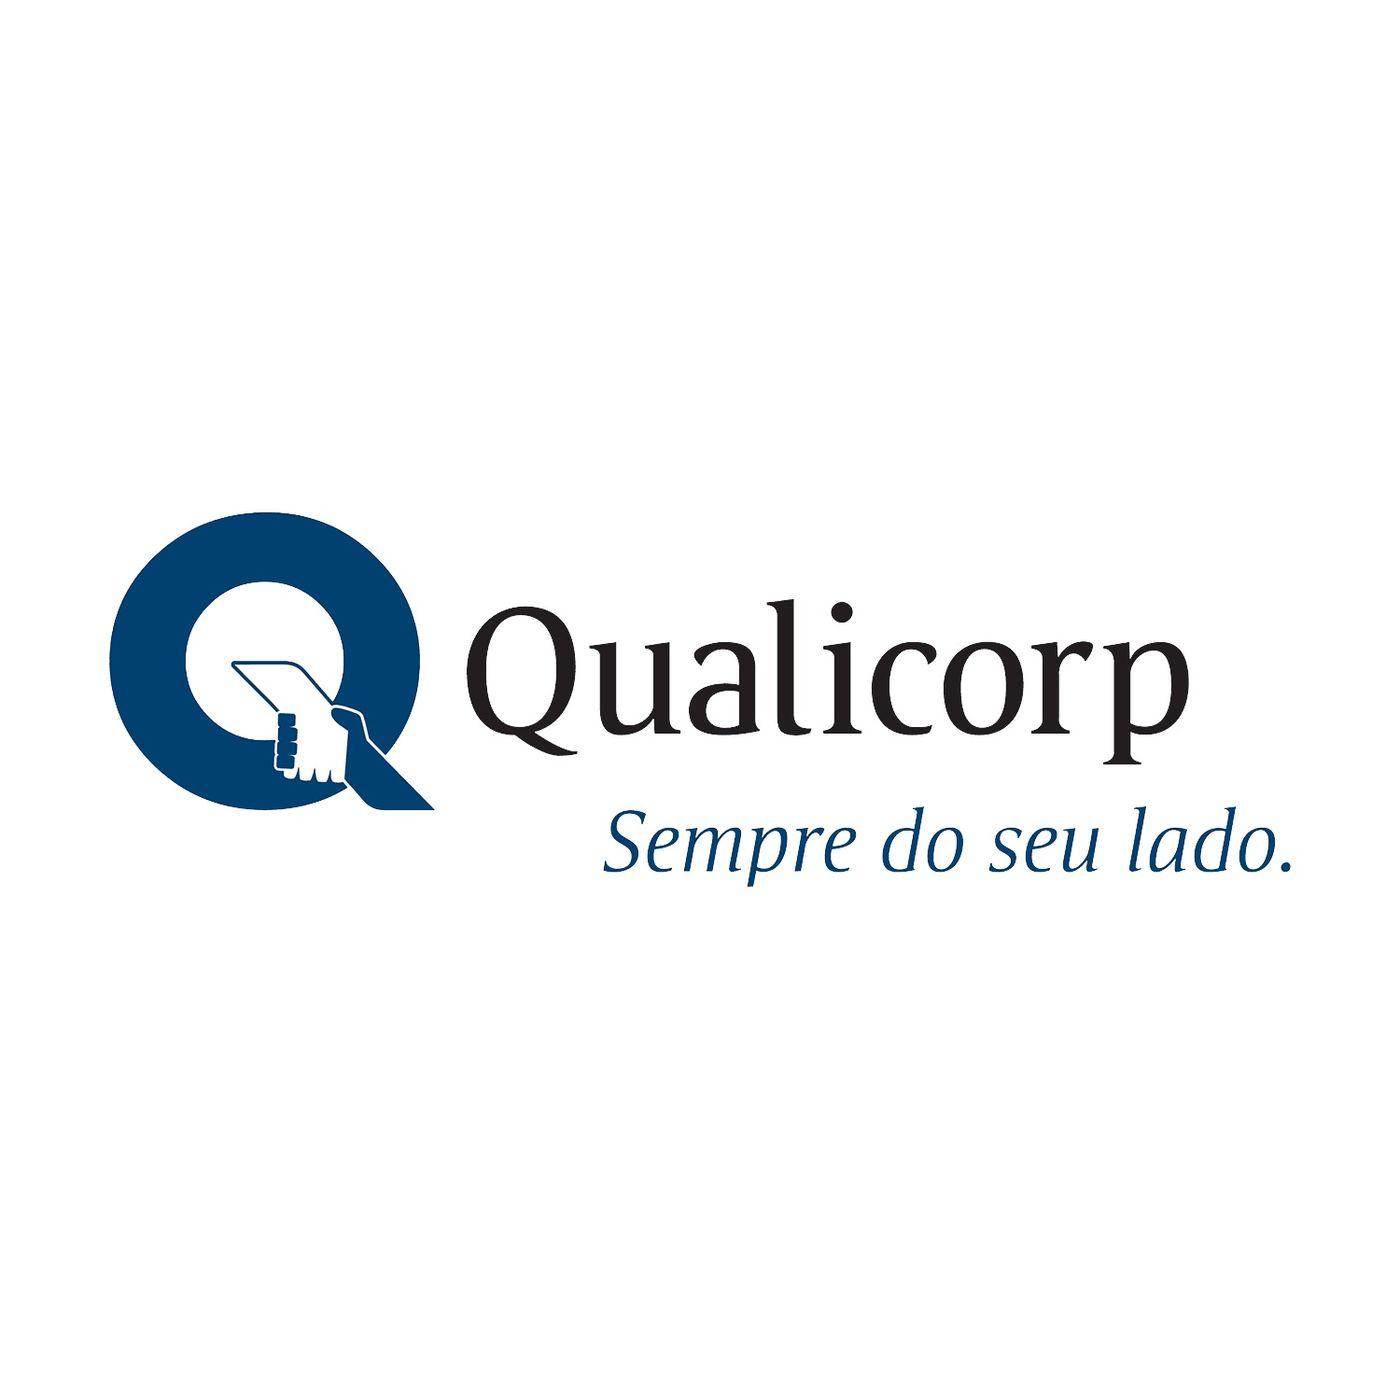 Teleconferência Resultados da Qualicorp 2019 4t19